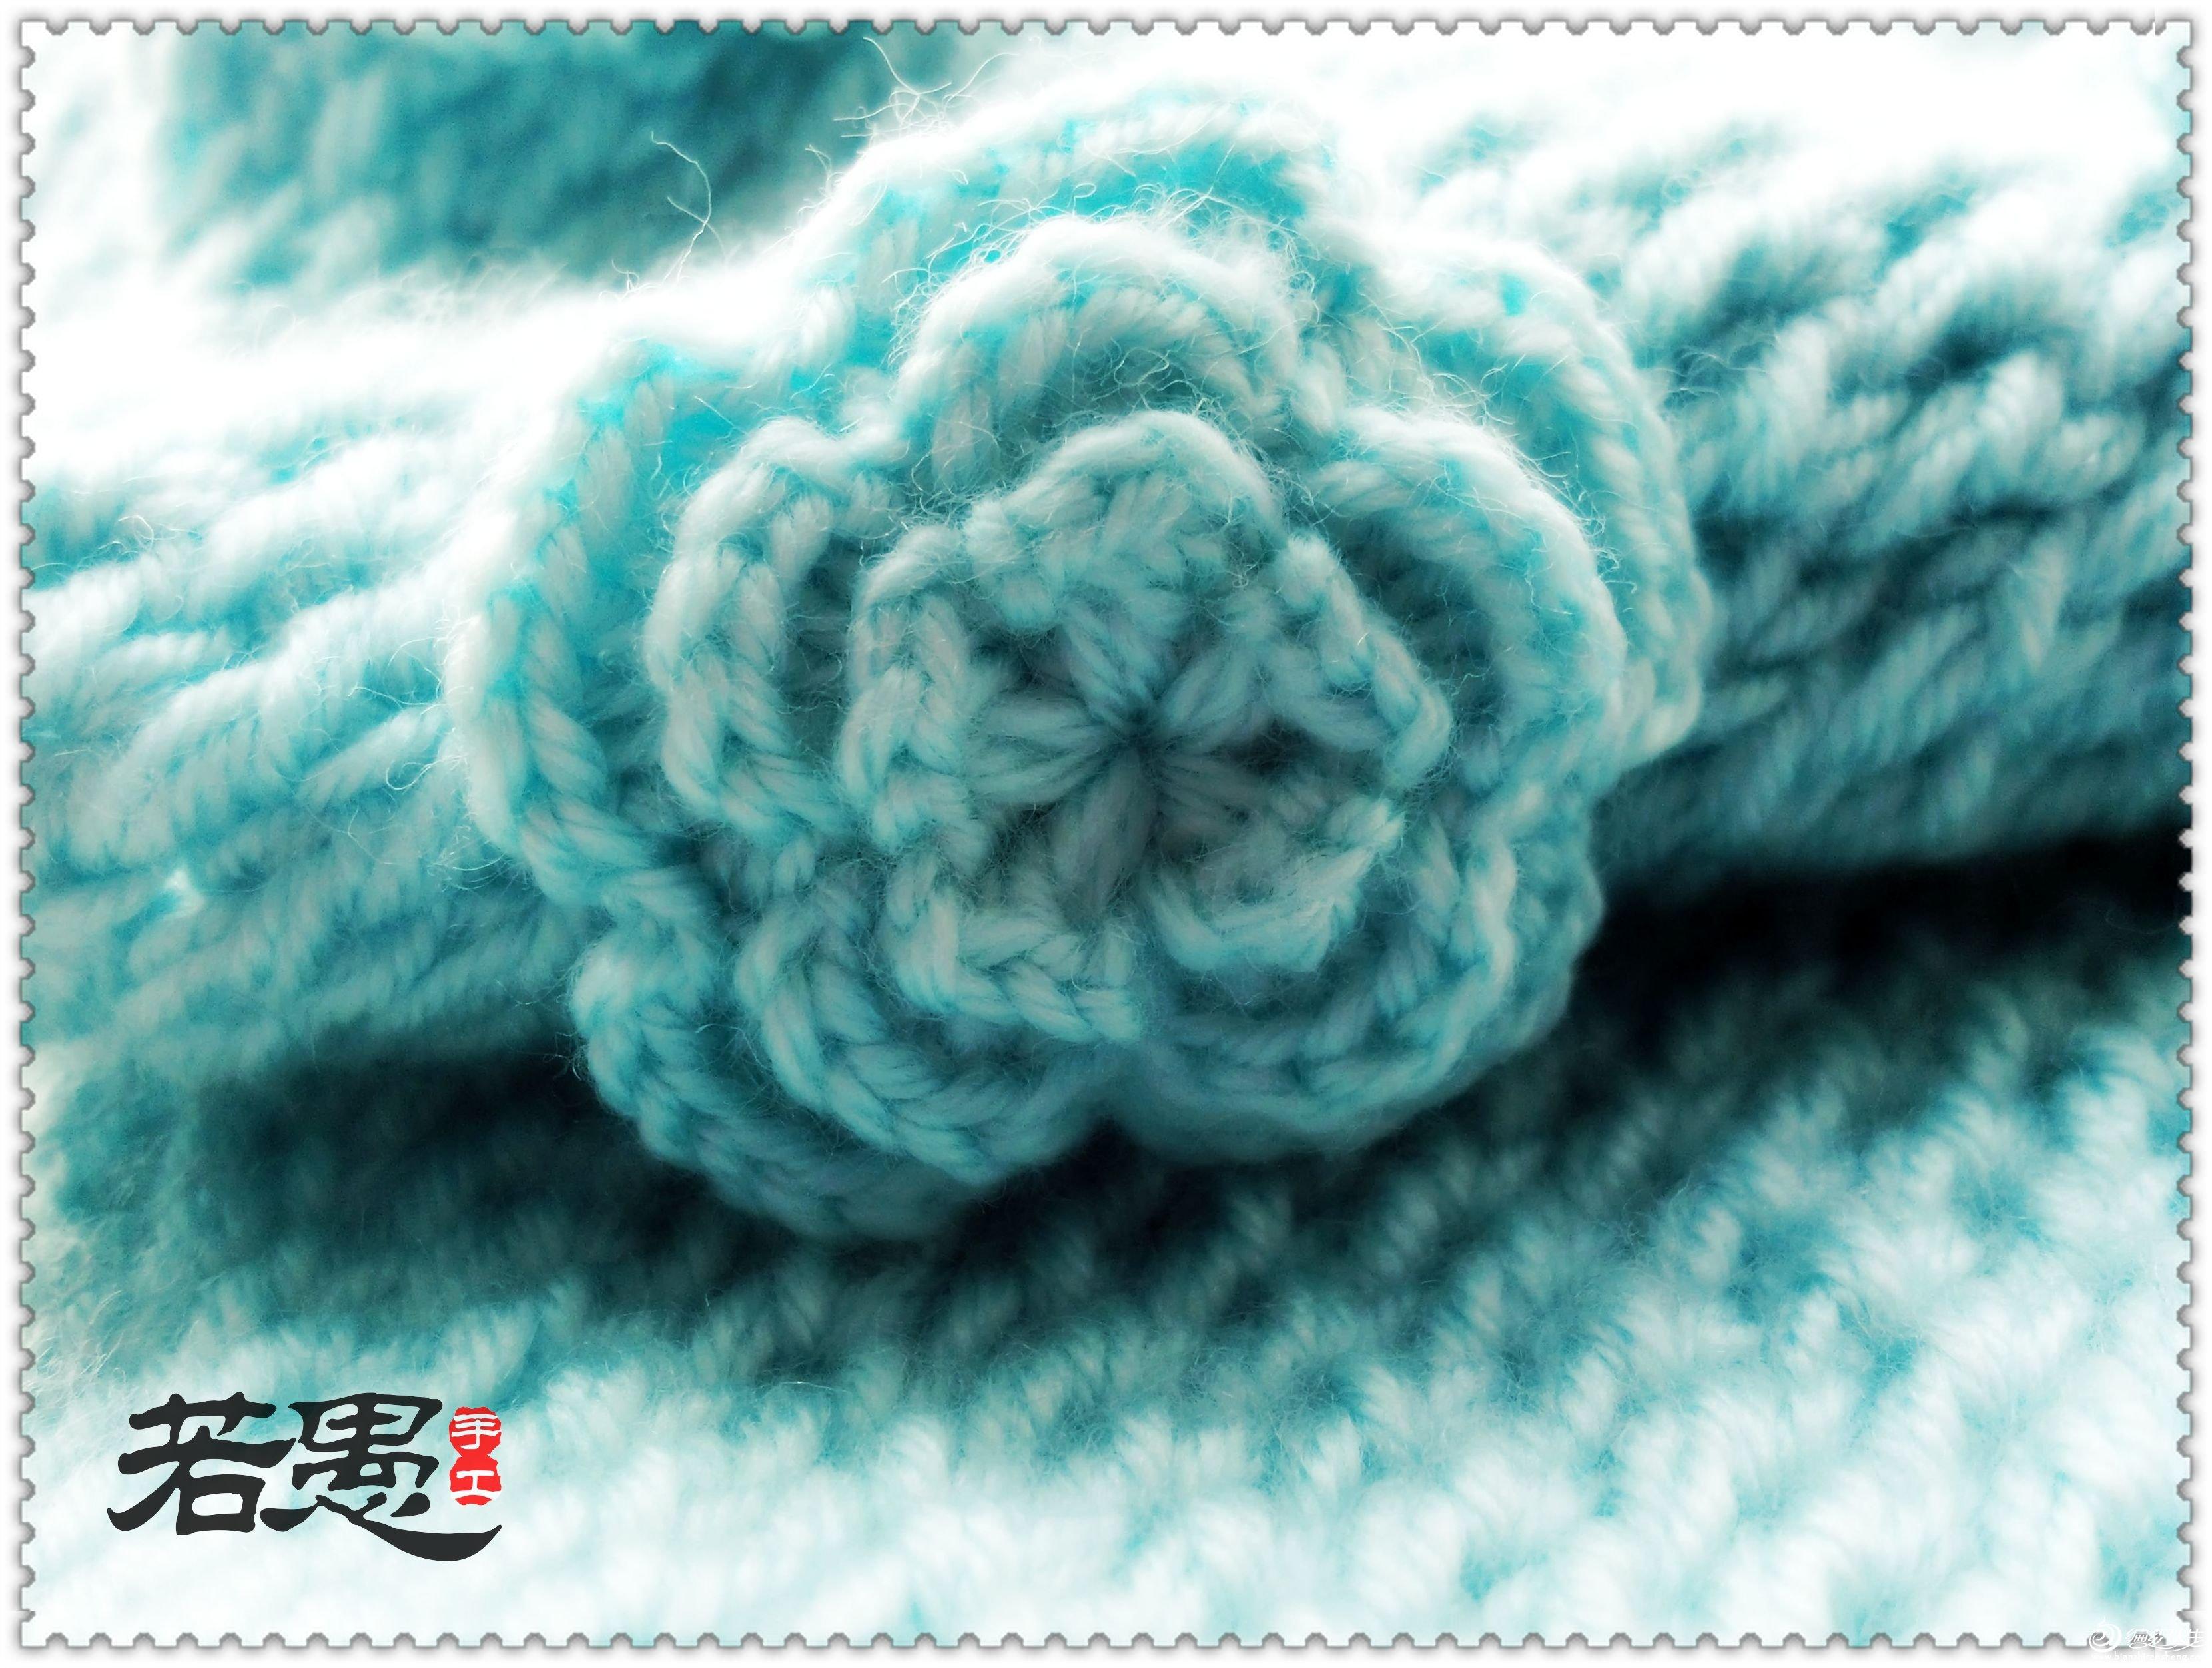 2012-09-29_08-26-35_850.jpg